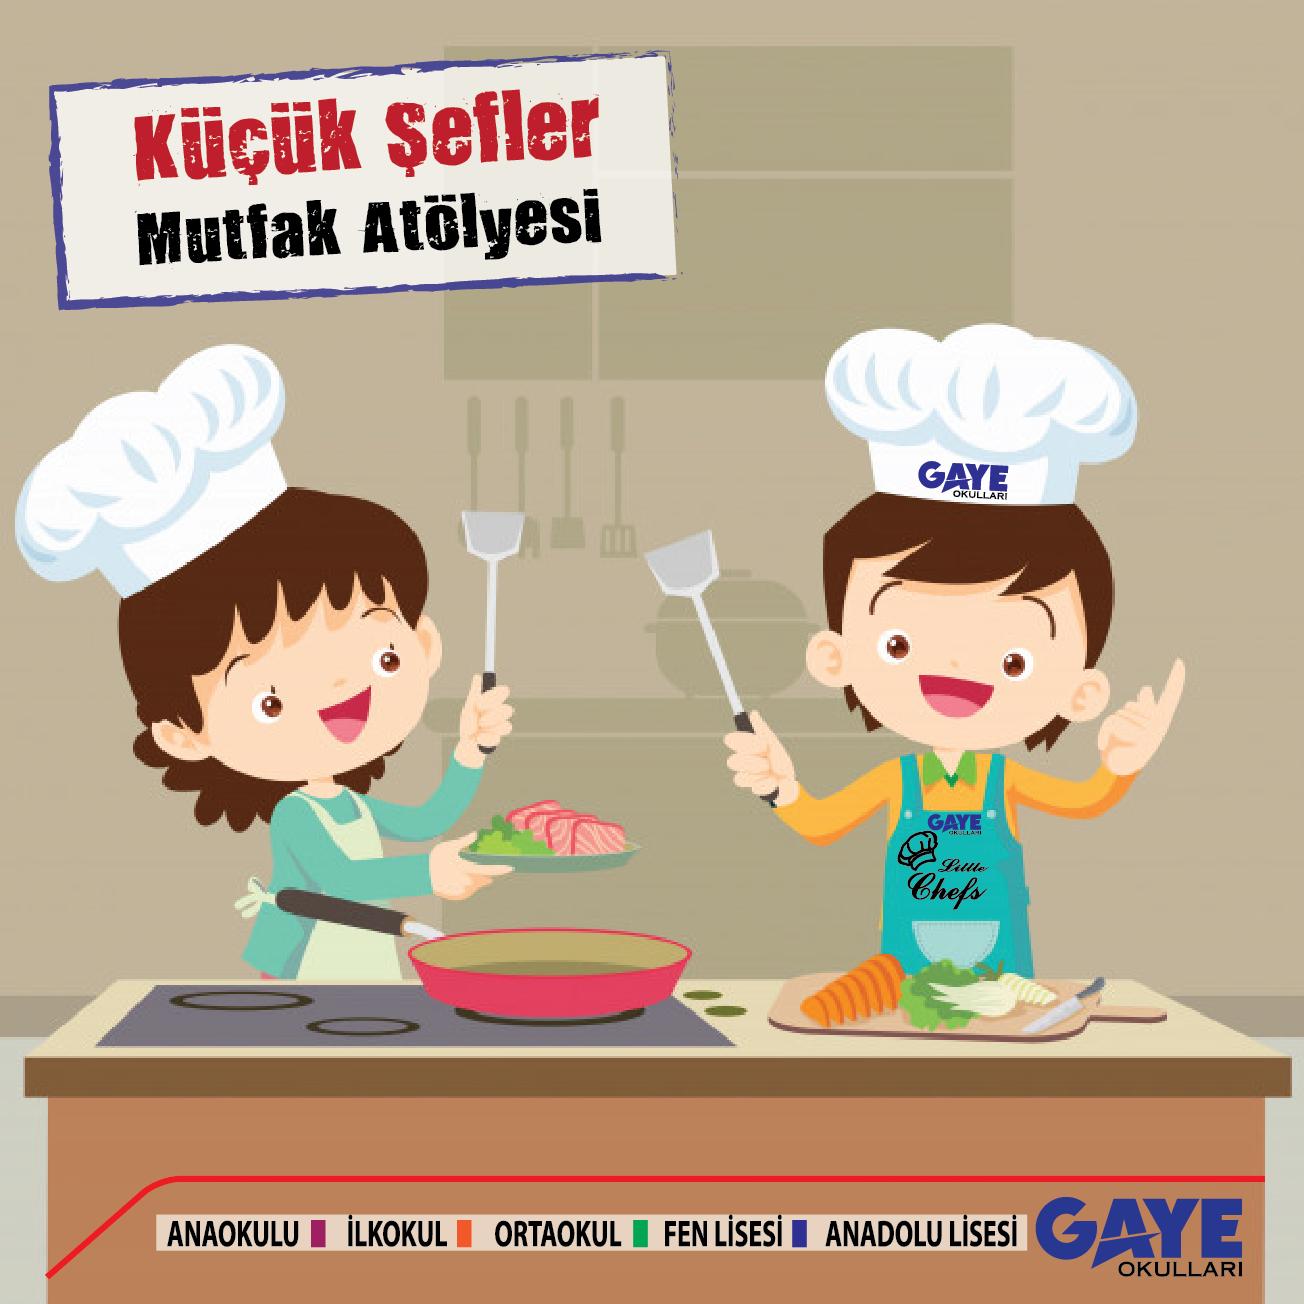 Küçük Şefler Mutfak Atölyesi